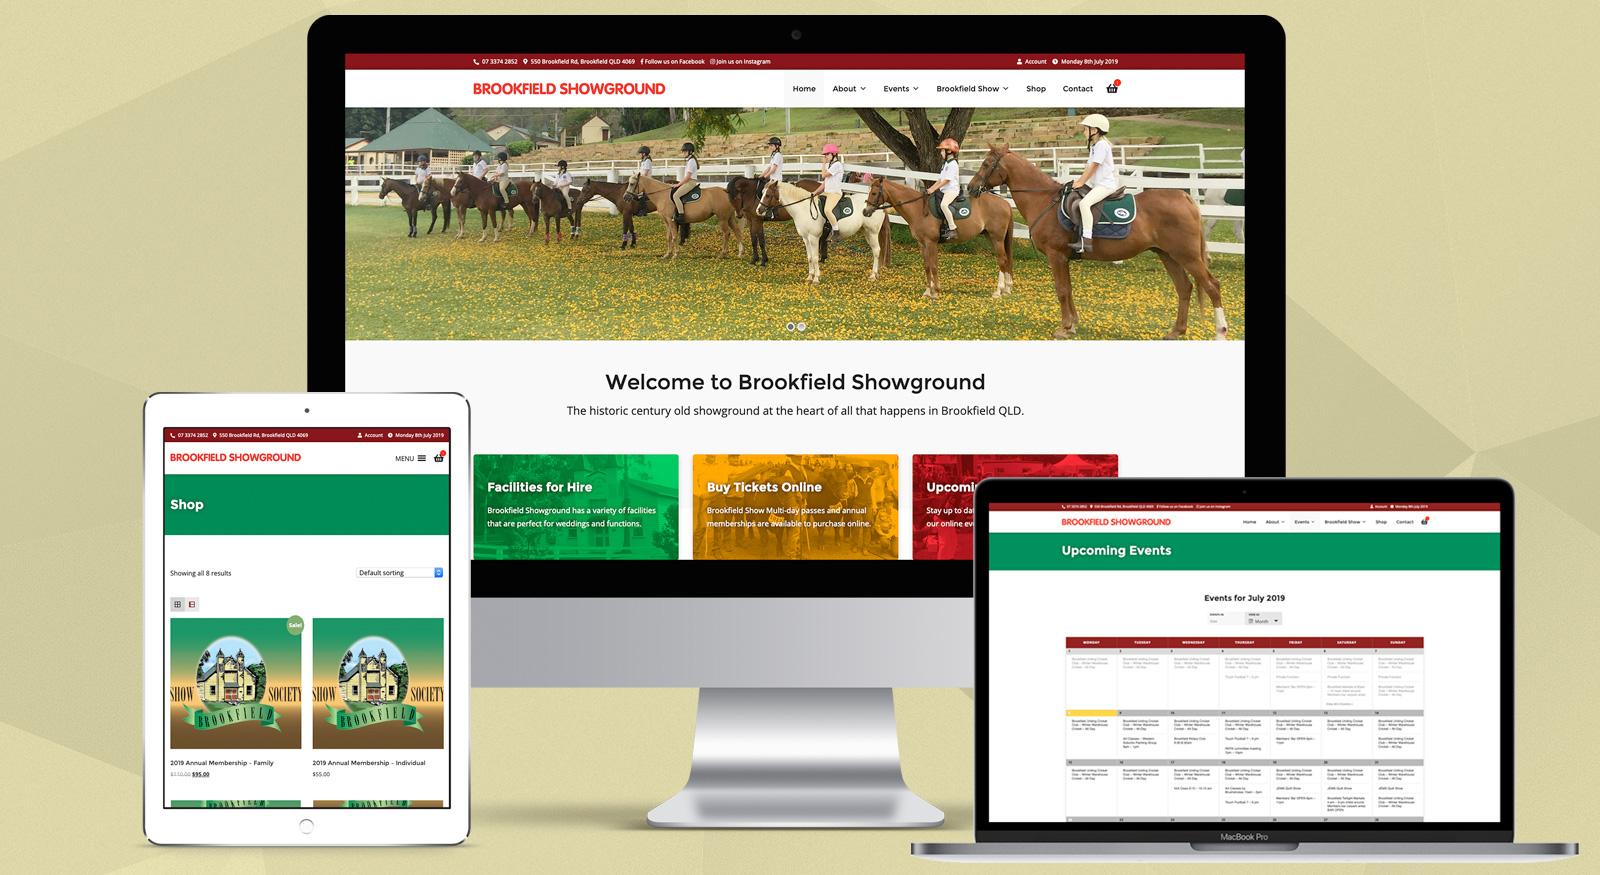 brookfield-showground-web-design-brisbane-qld-australia-onepoint-software-solutions